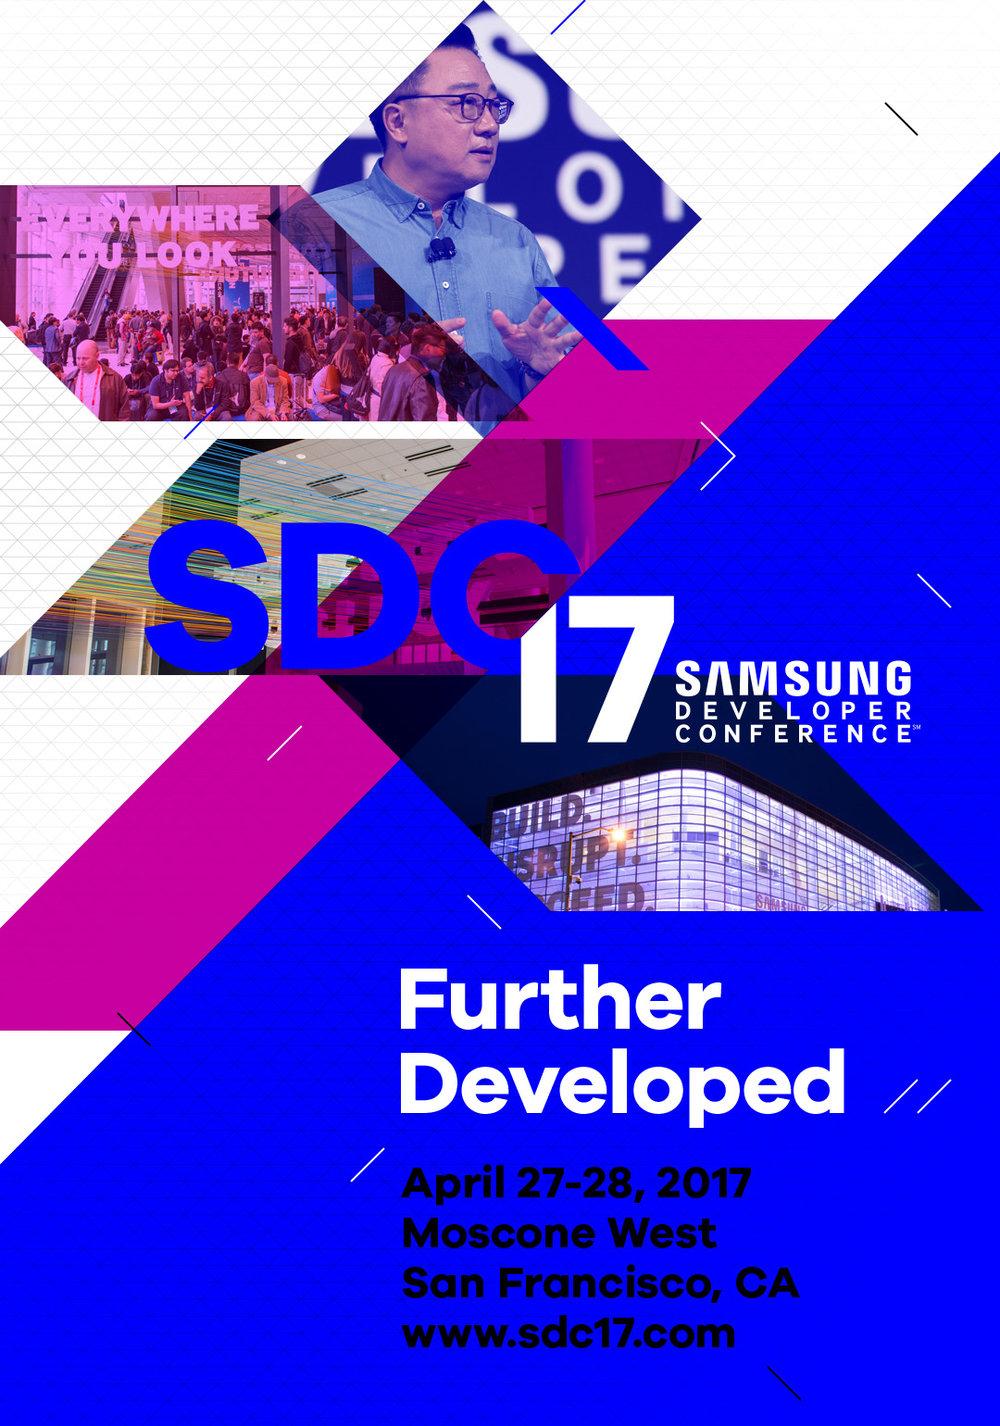 SDC17_FWD_3_BusStopAd_v04.jpg